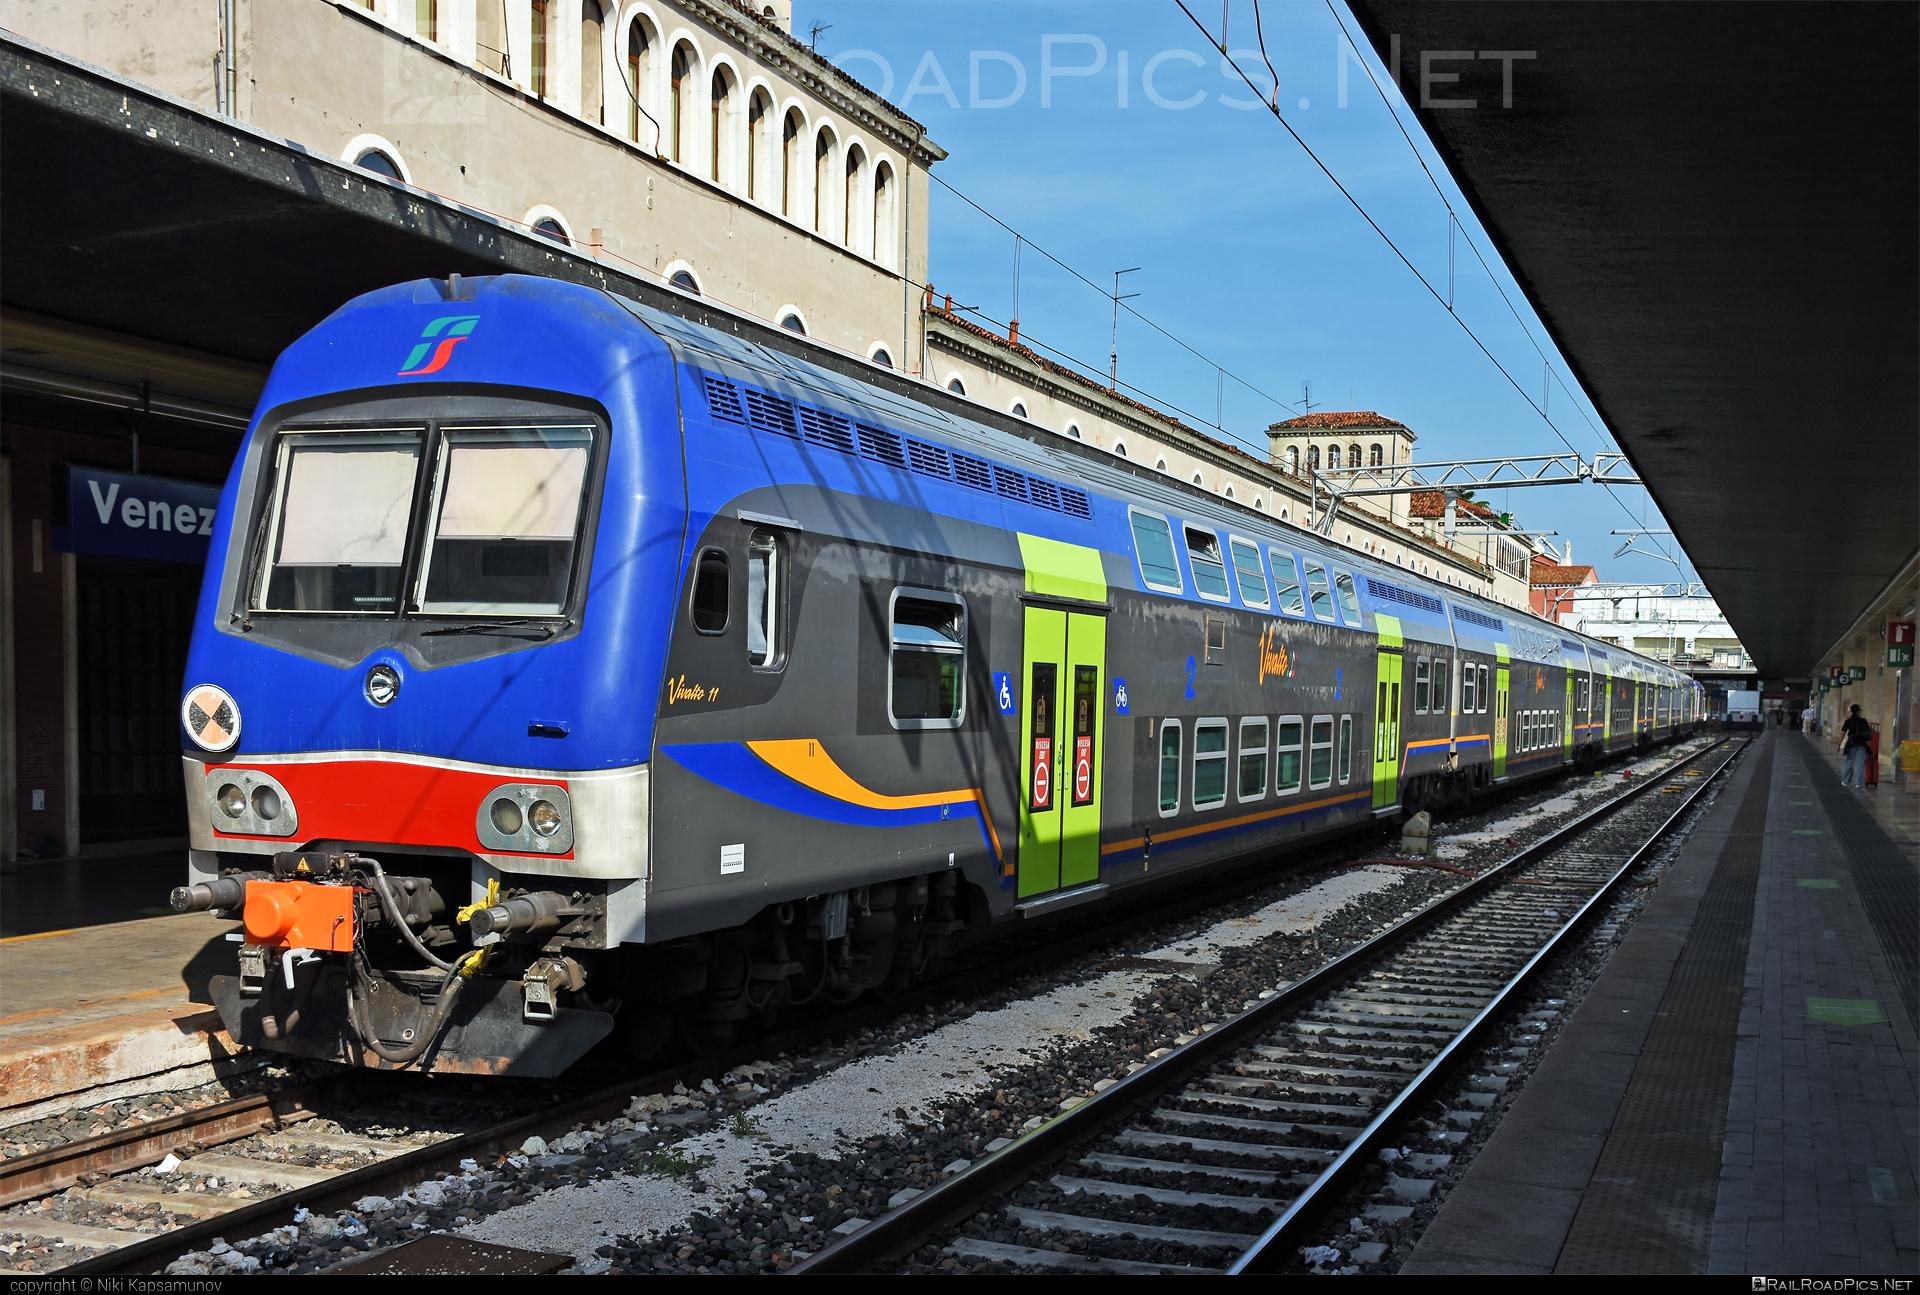 Class B - npBH 86-78 semi-pilot (Vivalto) - 86-78 071-4 operated by Trenitalia S.p.A. #ferroviedellostato #fs #fsitaliane #npbh #trenitalia #trenitaliaspa #vivalto